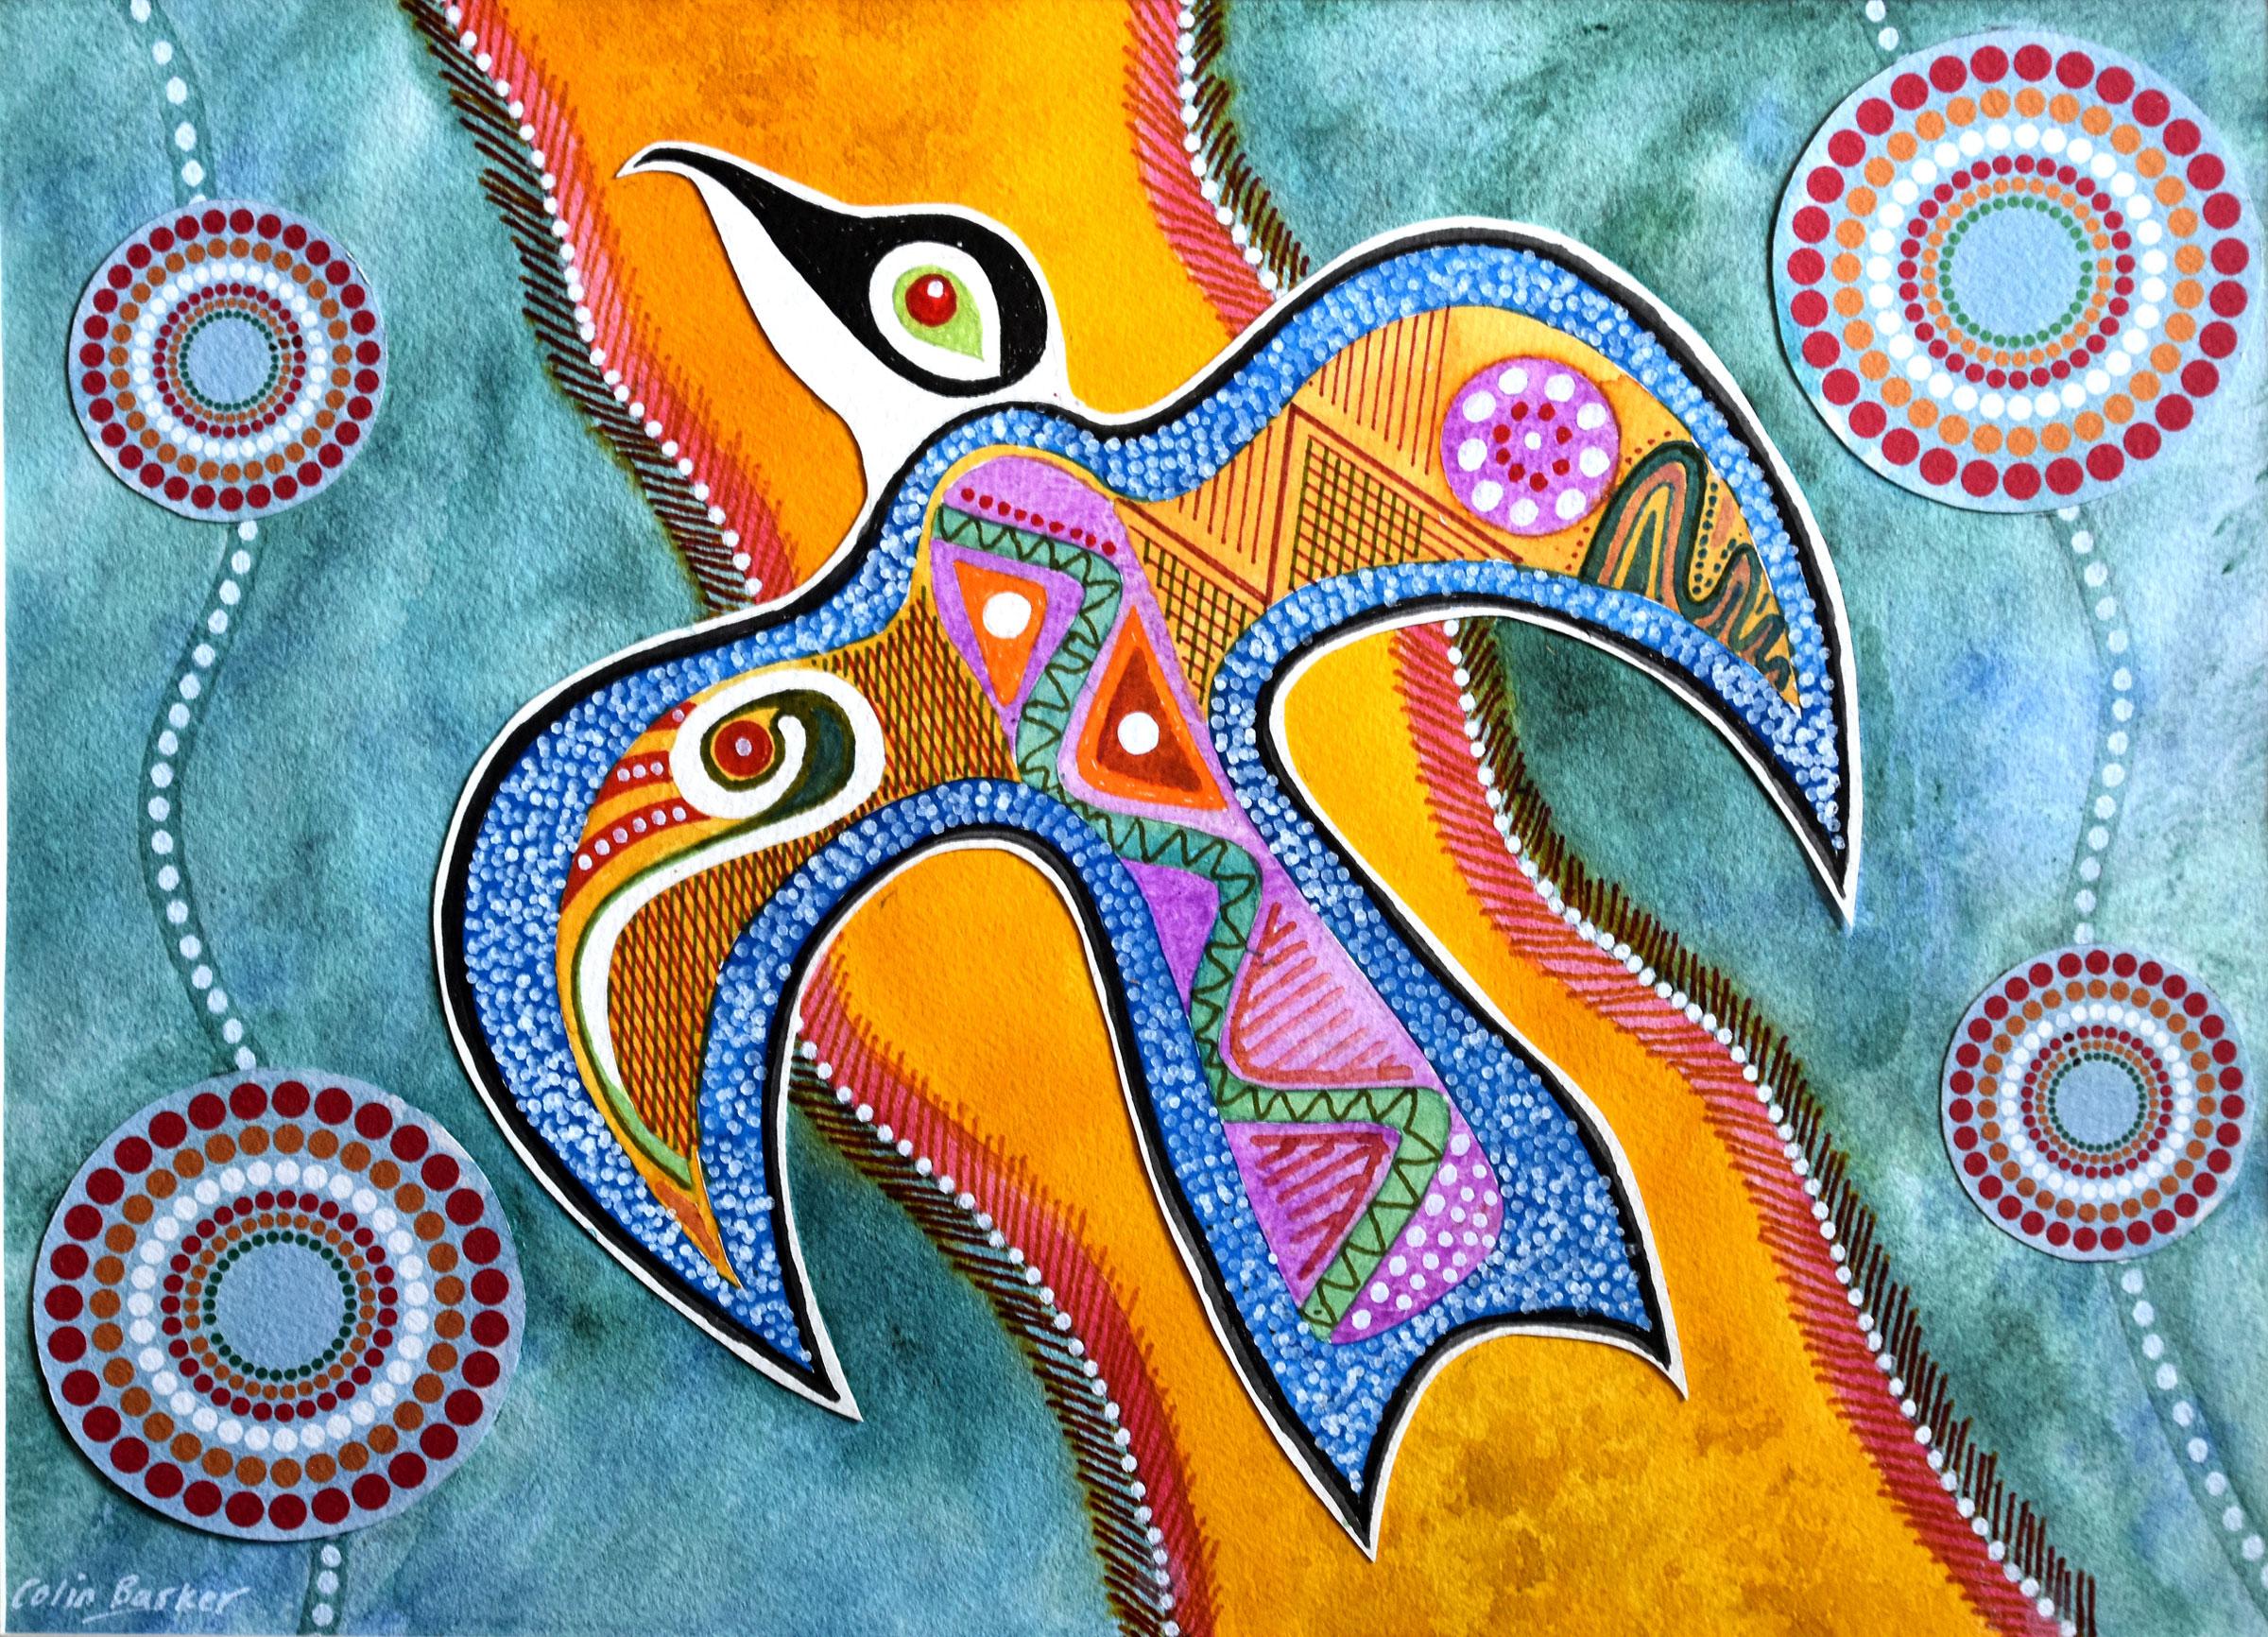 Bird of Australia (Colin Barker)